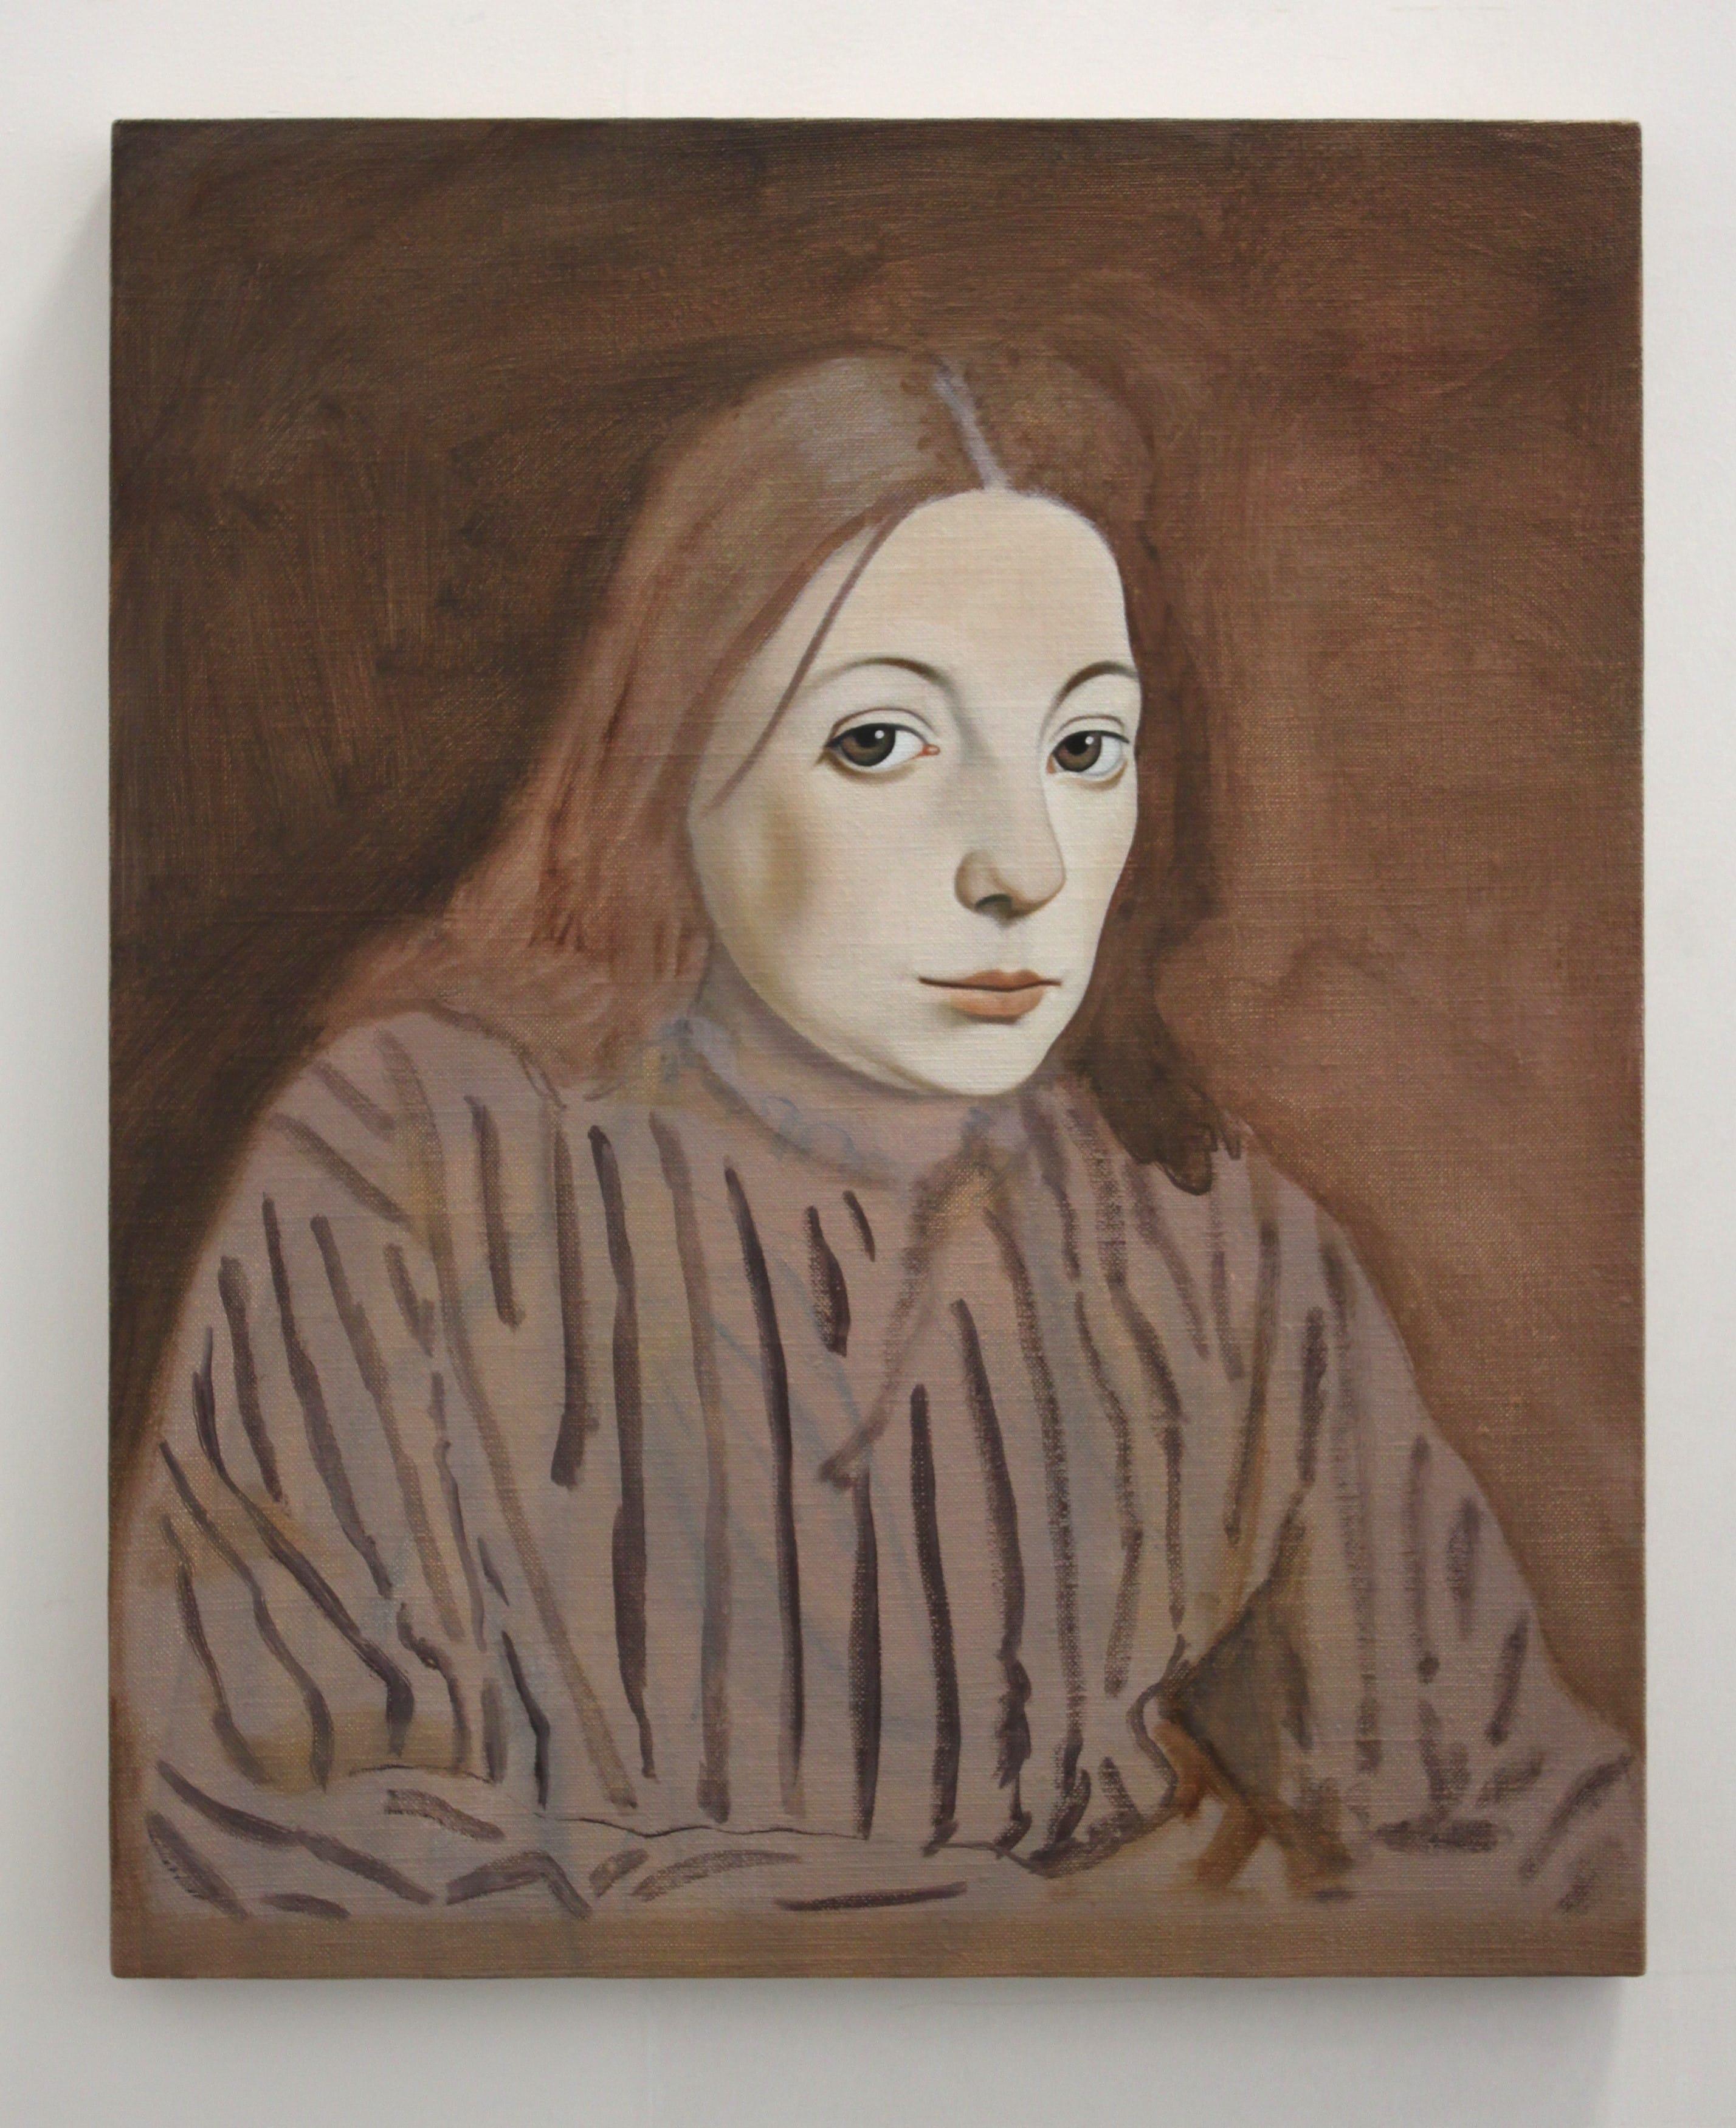 Figura di donna ritratta dall'artista Richard Wathen. Opera esposta nella mostra Madness presso la Galerie im Park di Brema. Il suo sguardo è espressione di gelosia morbosa.